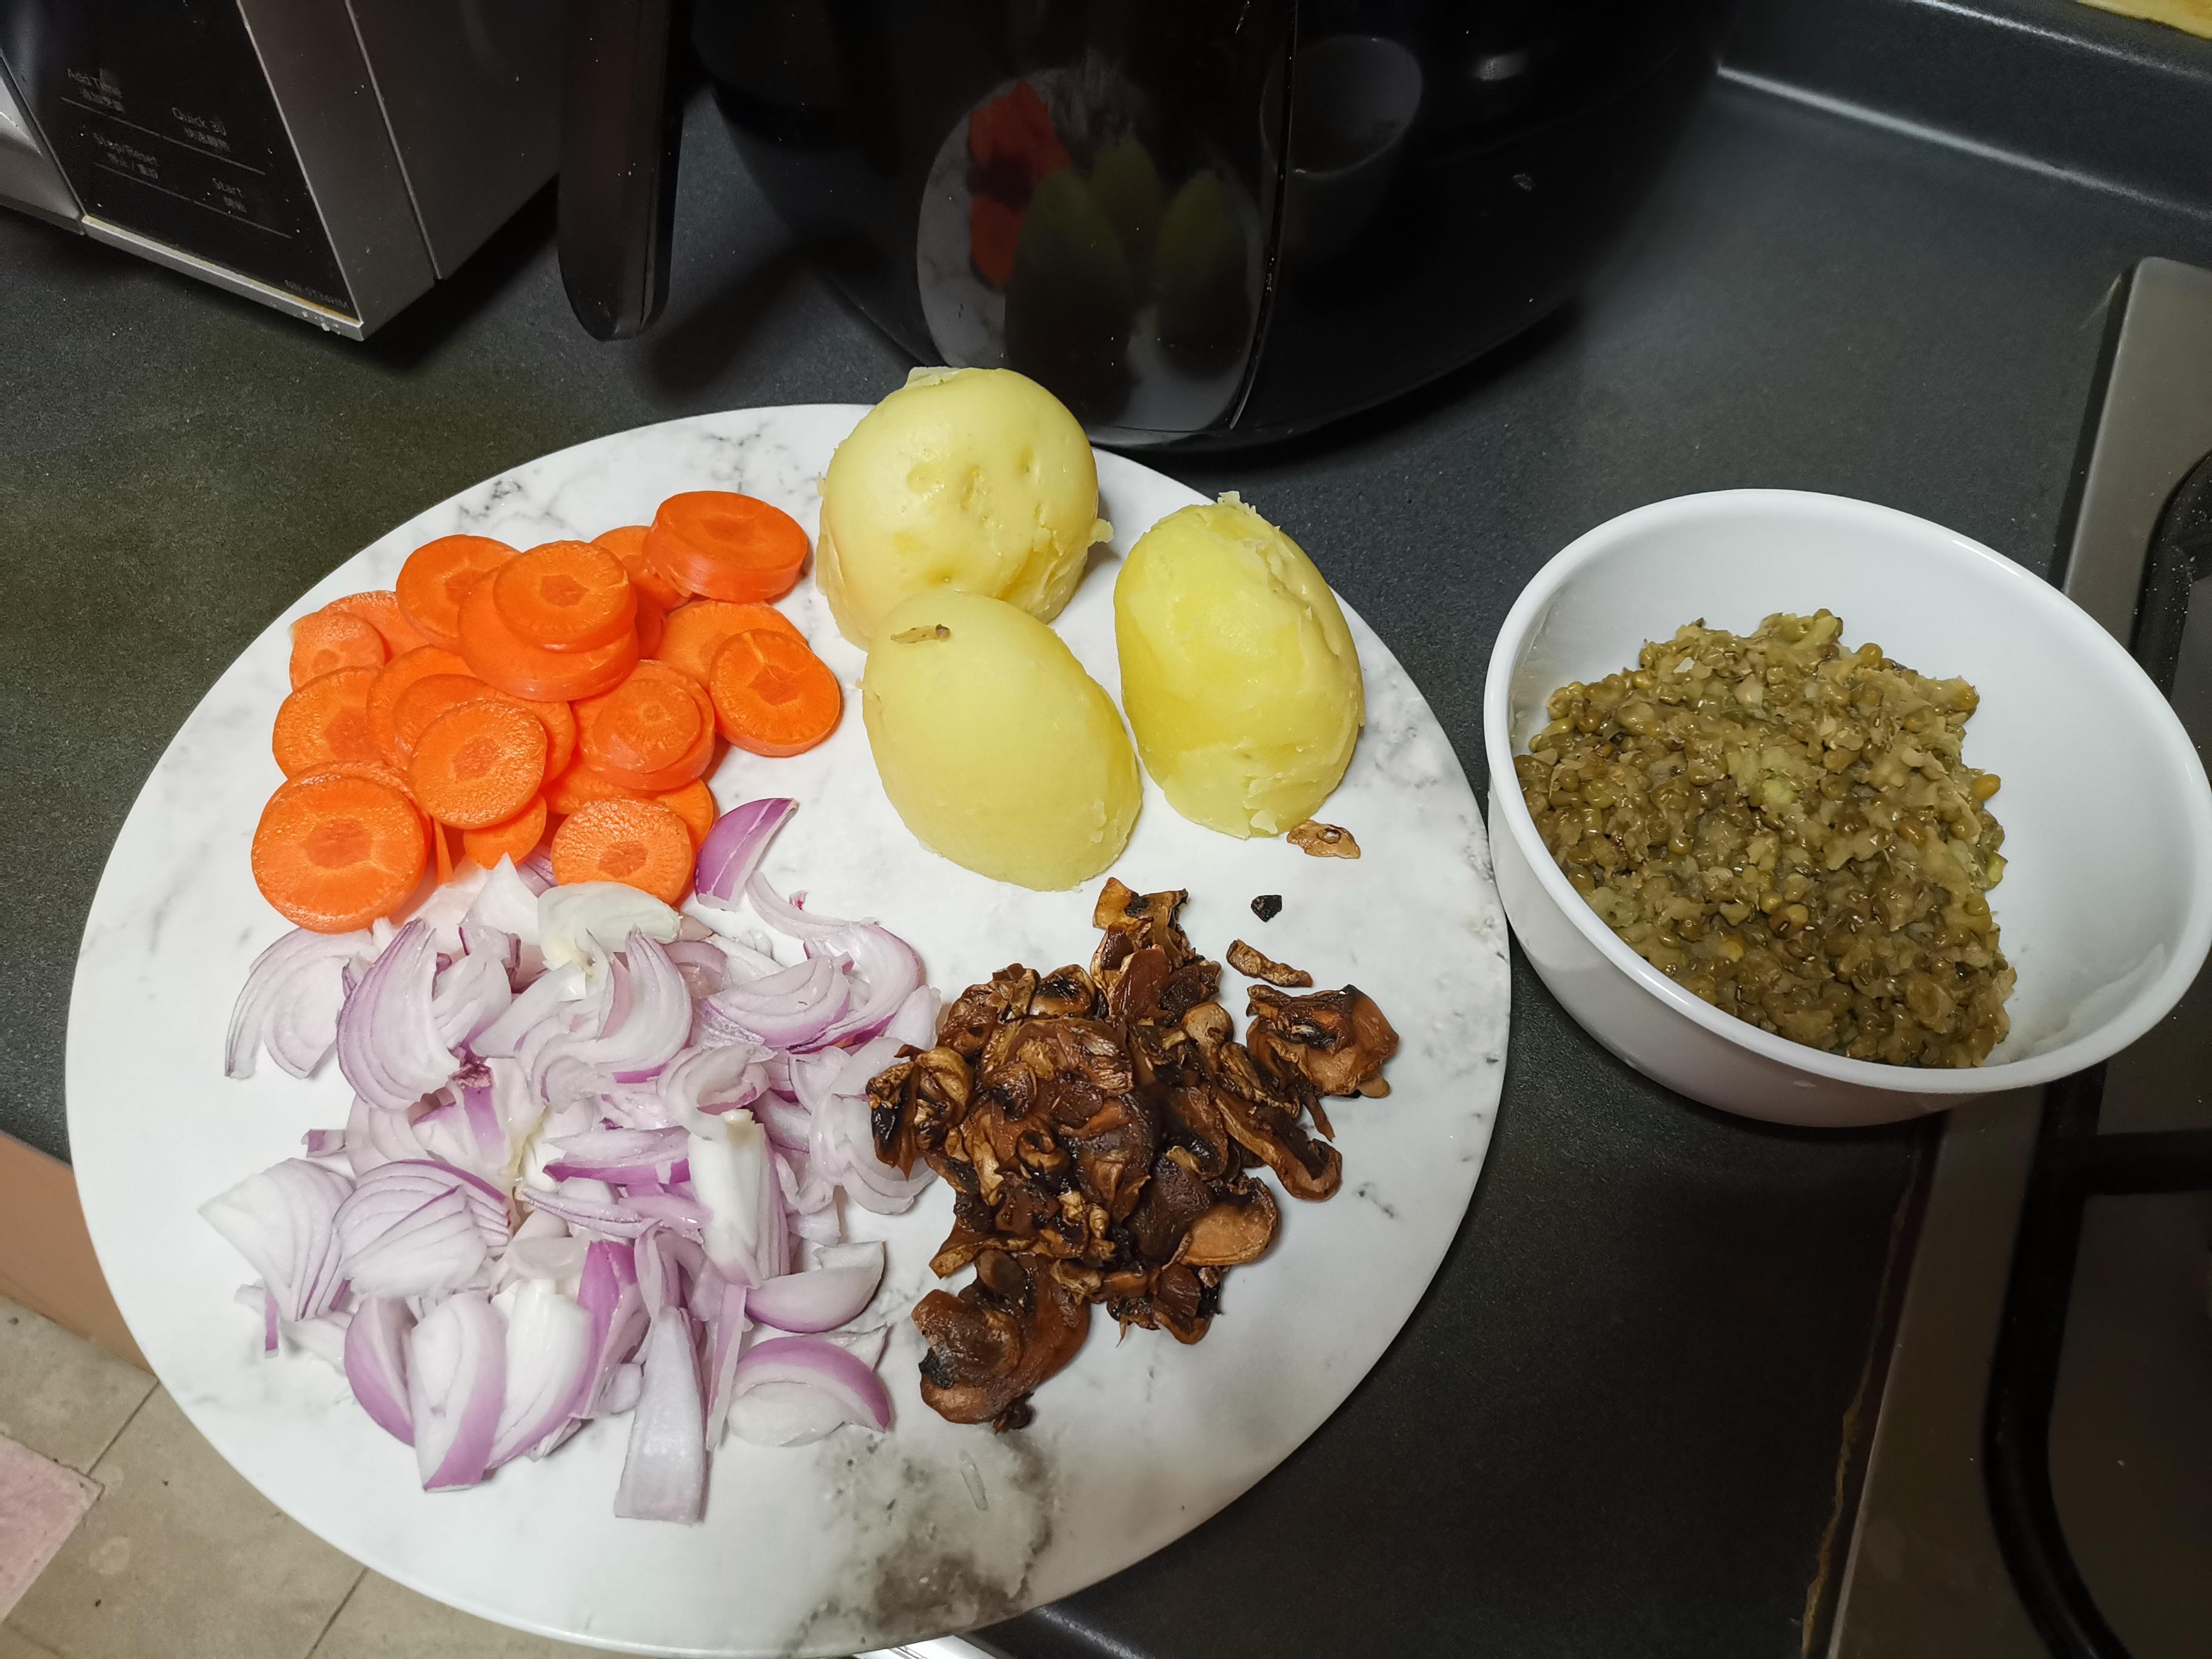 Vegan recipe ingredients